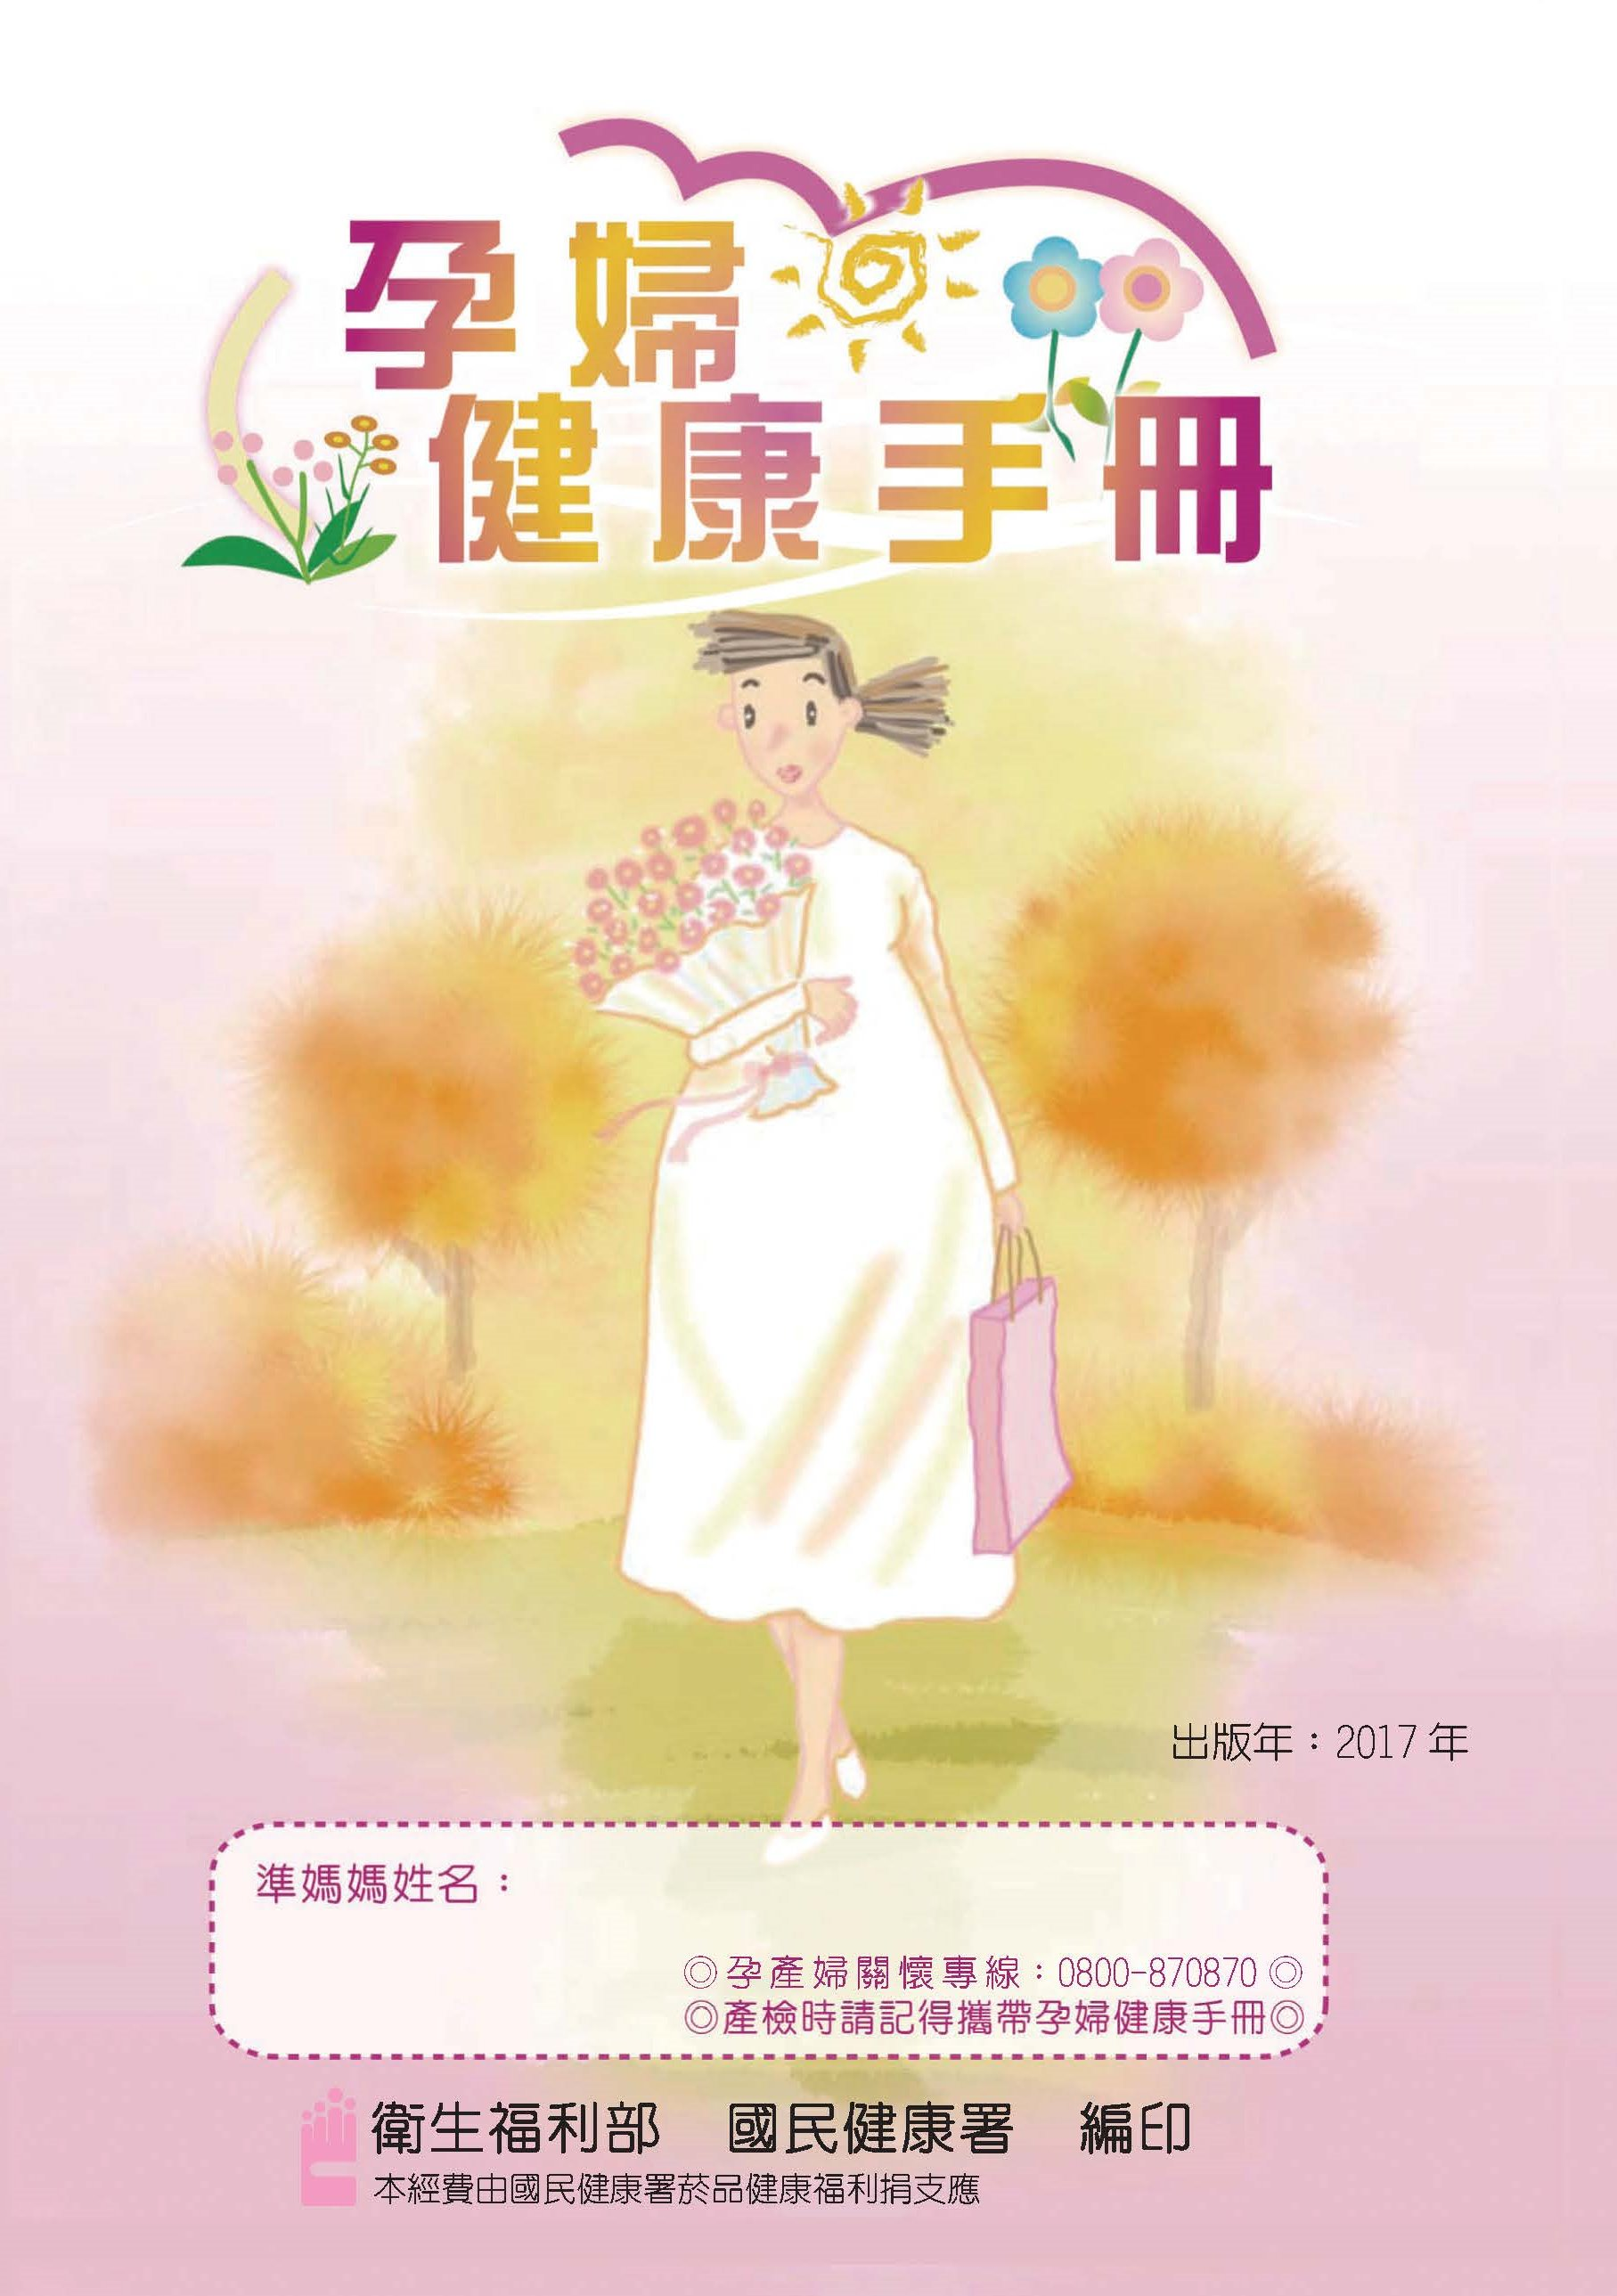 孕婦健康手冊-中文版(106年6月出版)